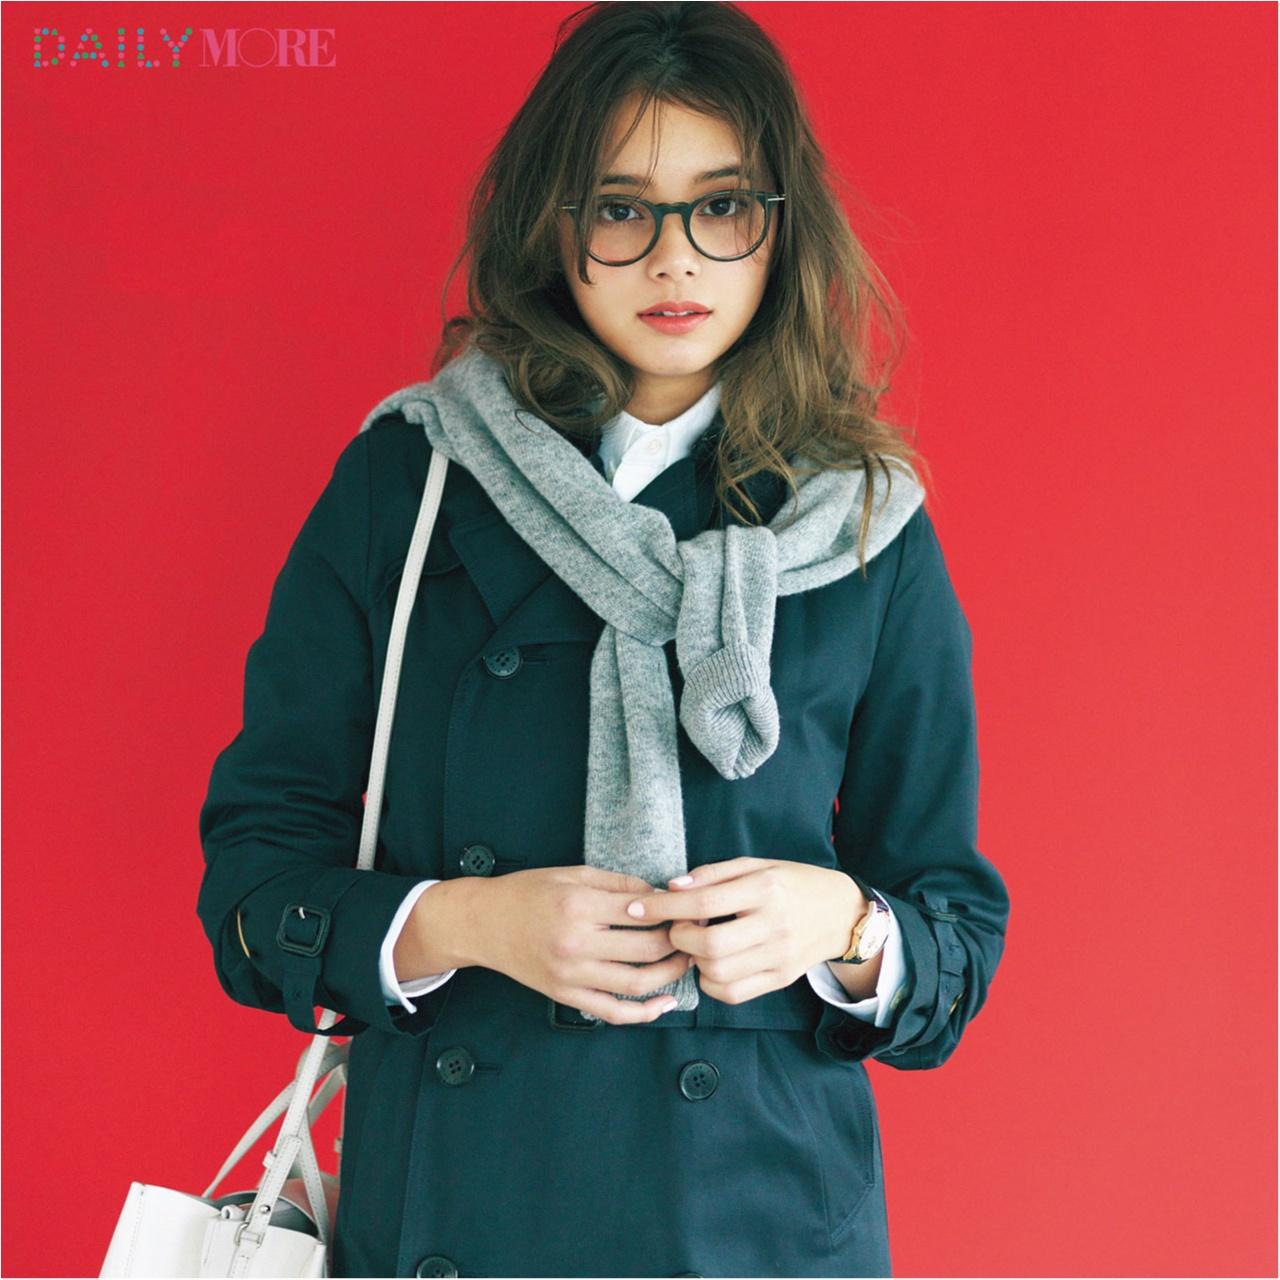 『ユニクロ』『テチチ』『ViS』、大人気ブランドのプレスが熱弁する「すごいお仕事服」って!?